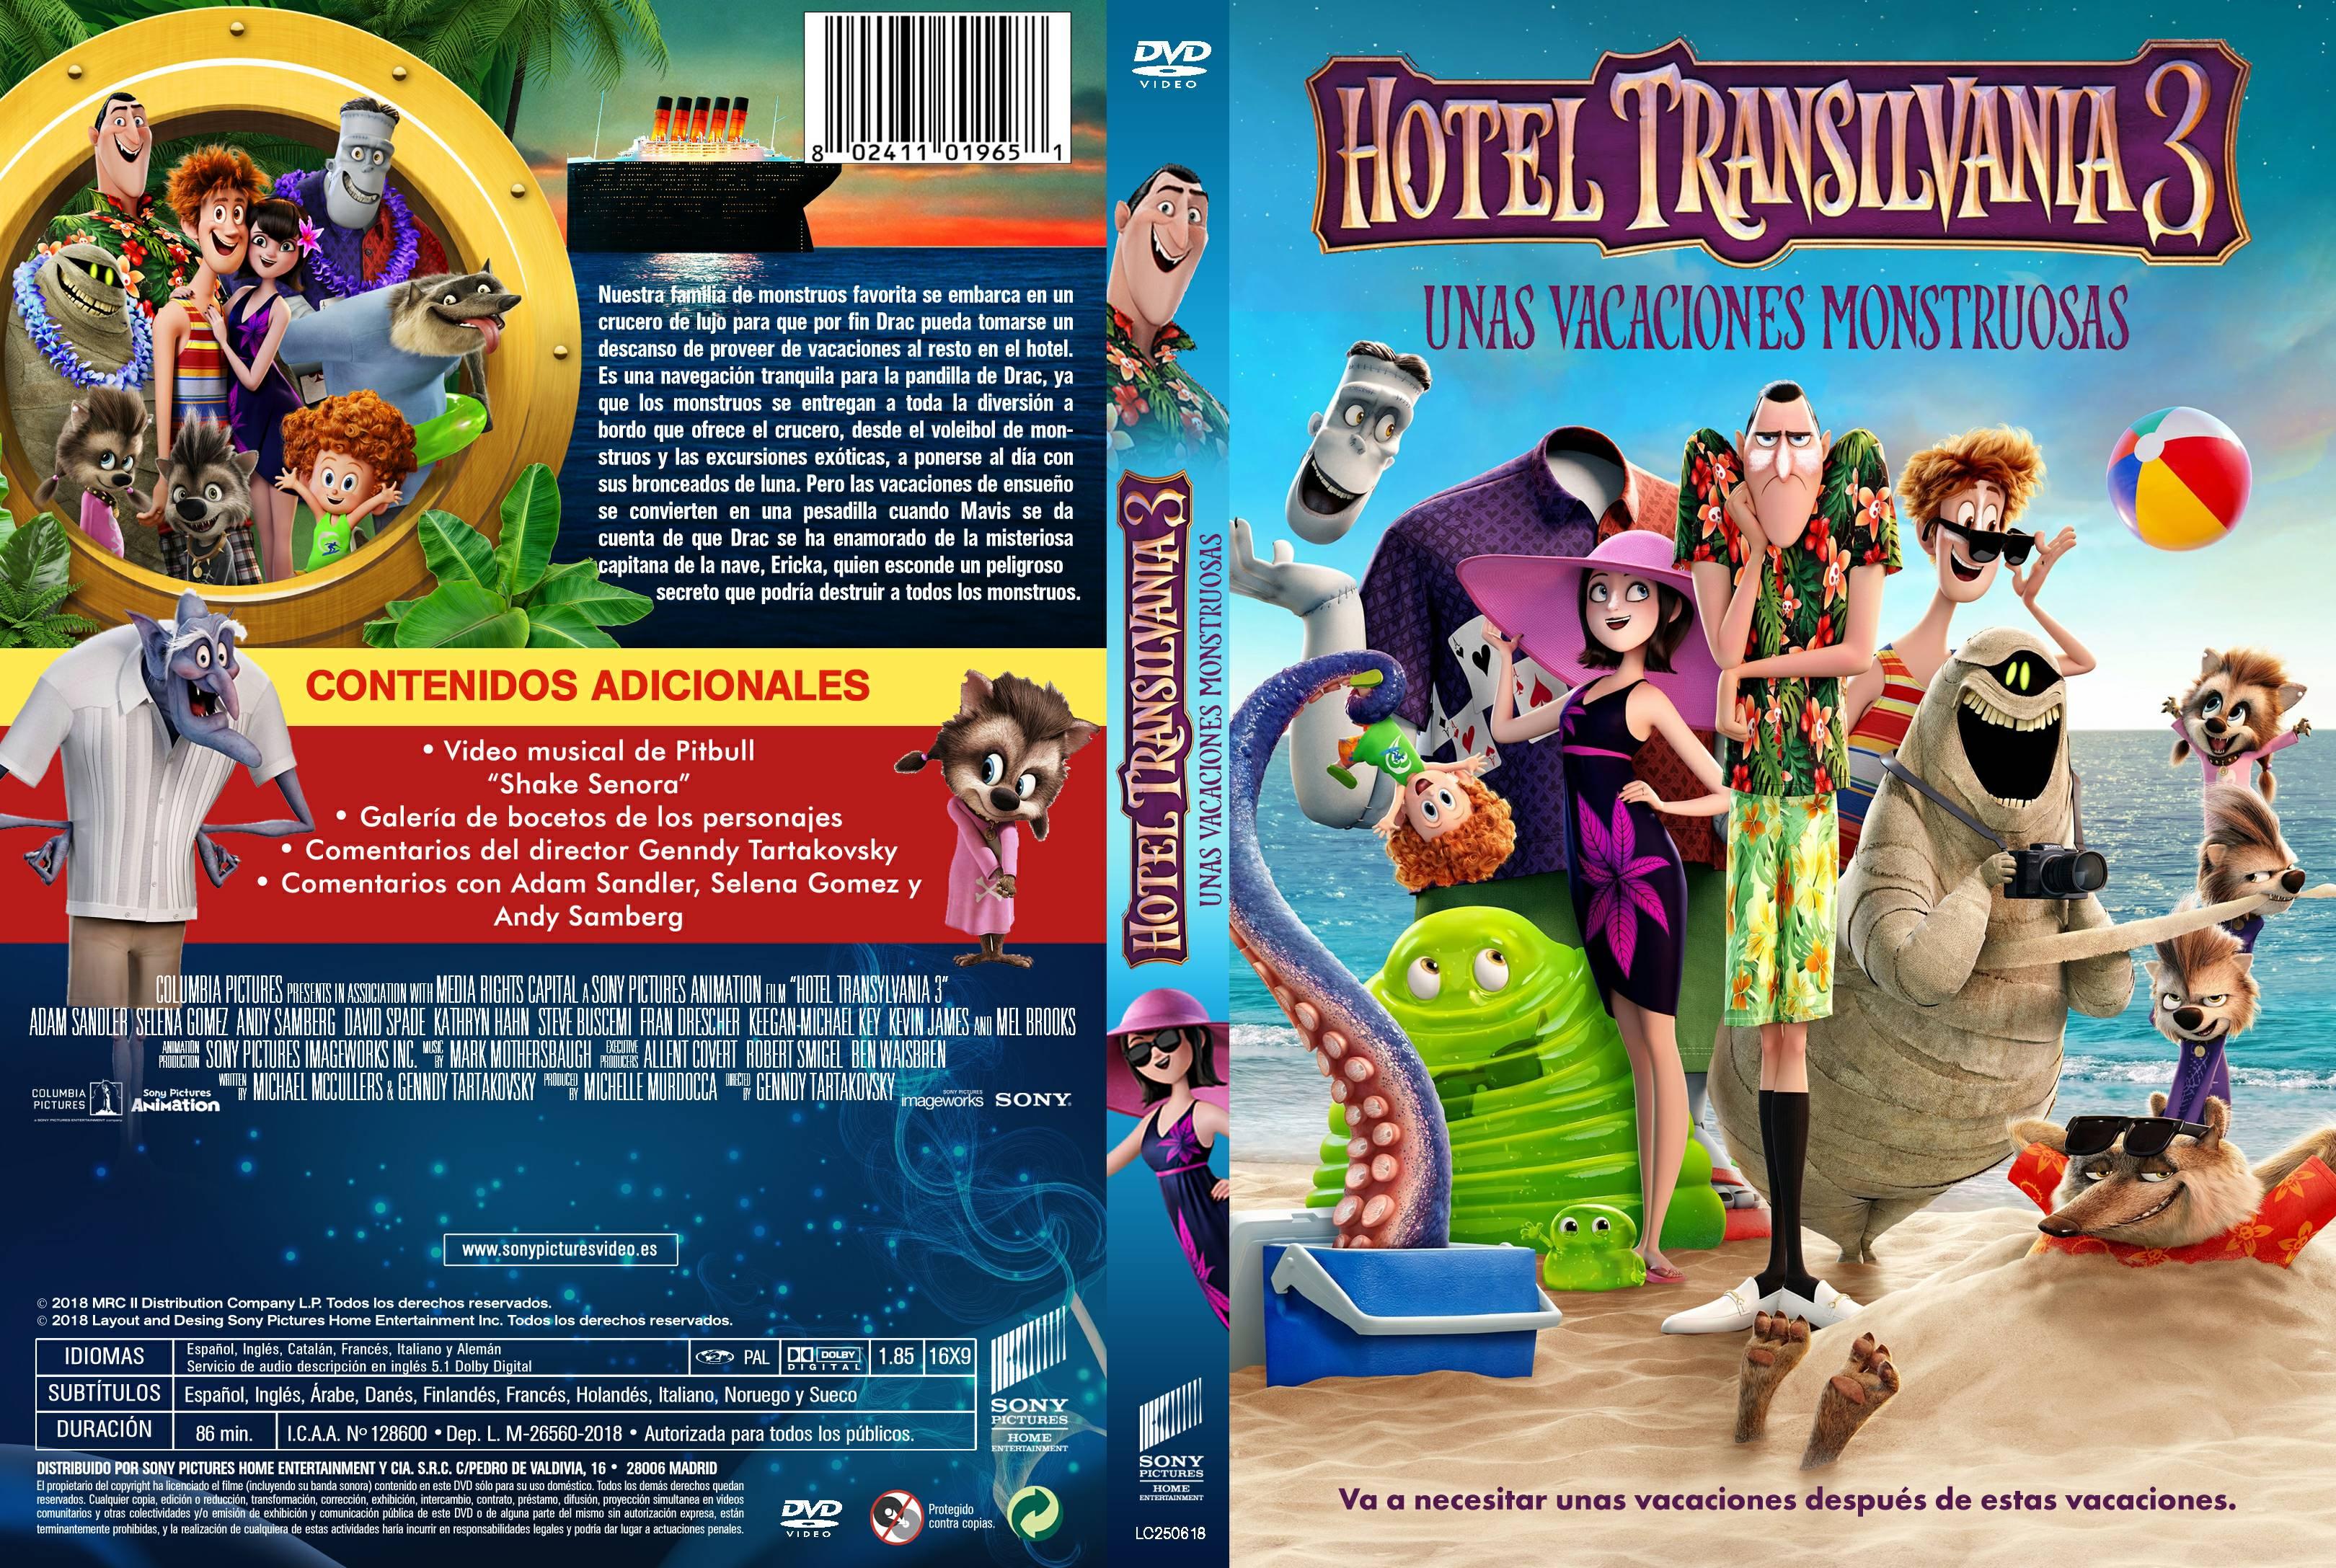 Hotel Transilvania3: Unas vacaciones monstruosas